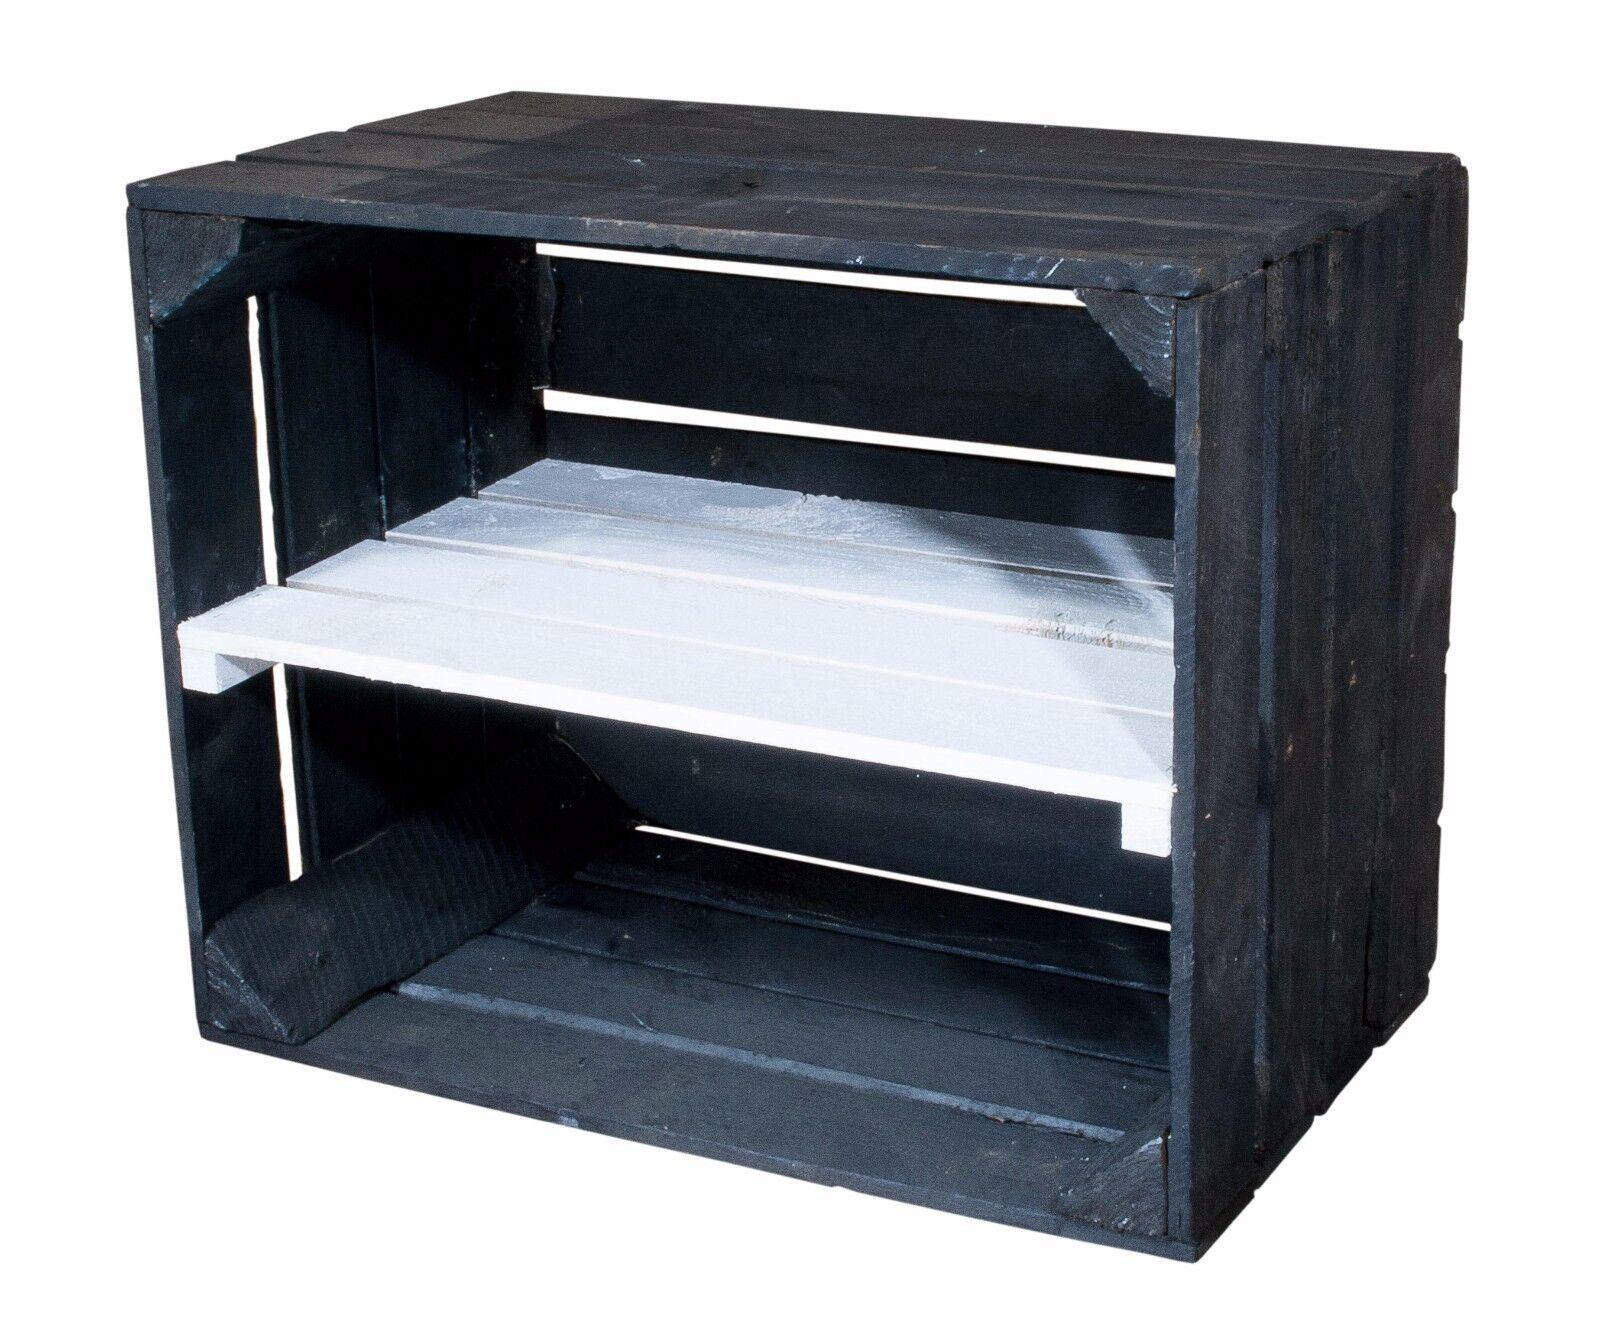 4er Set schwarze Holzkiste Regalkiste mit weißem Mittelbrett  längs   50x40x30cm